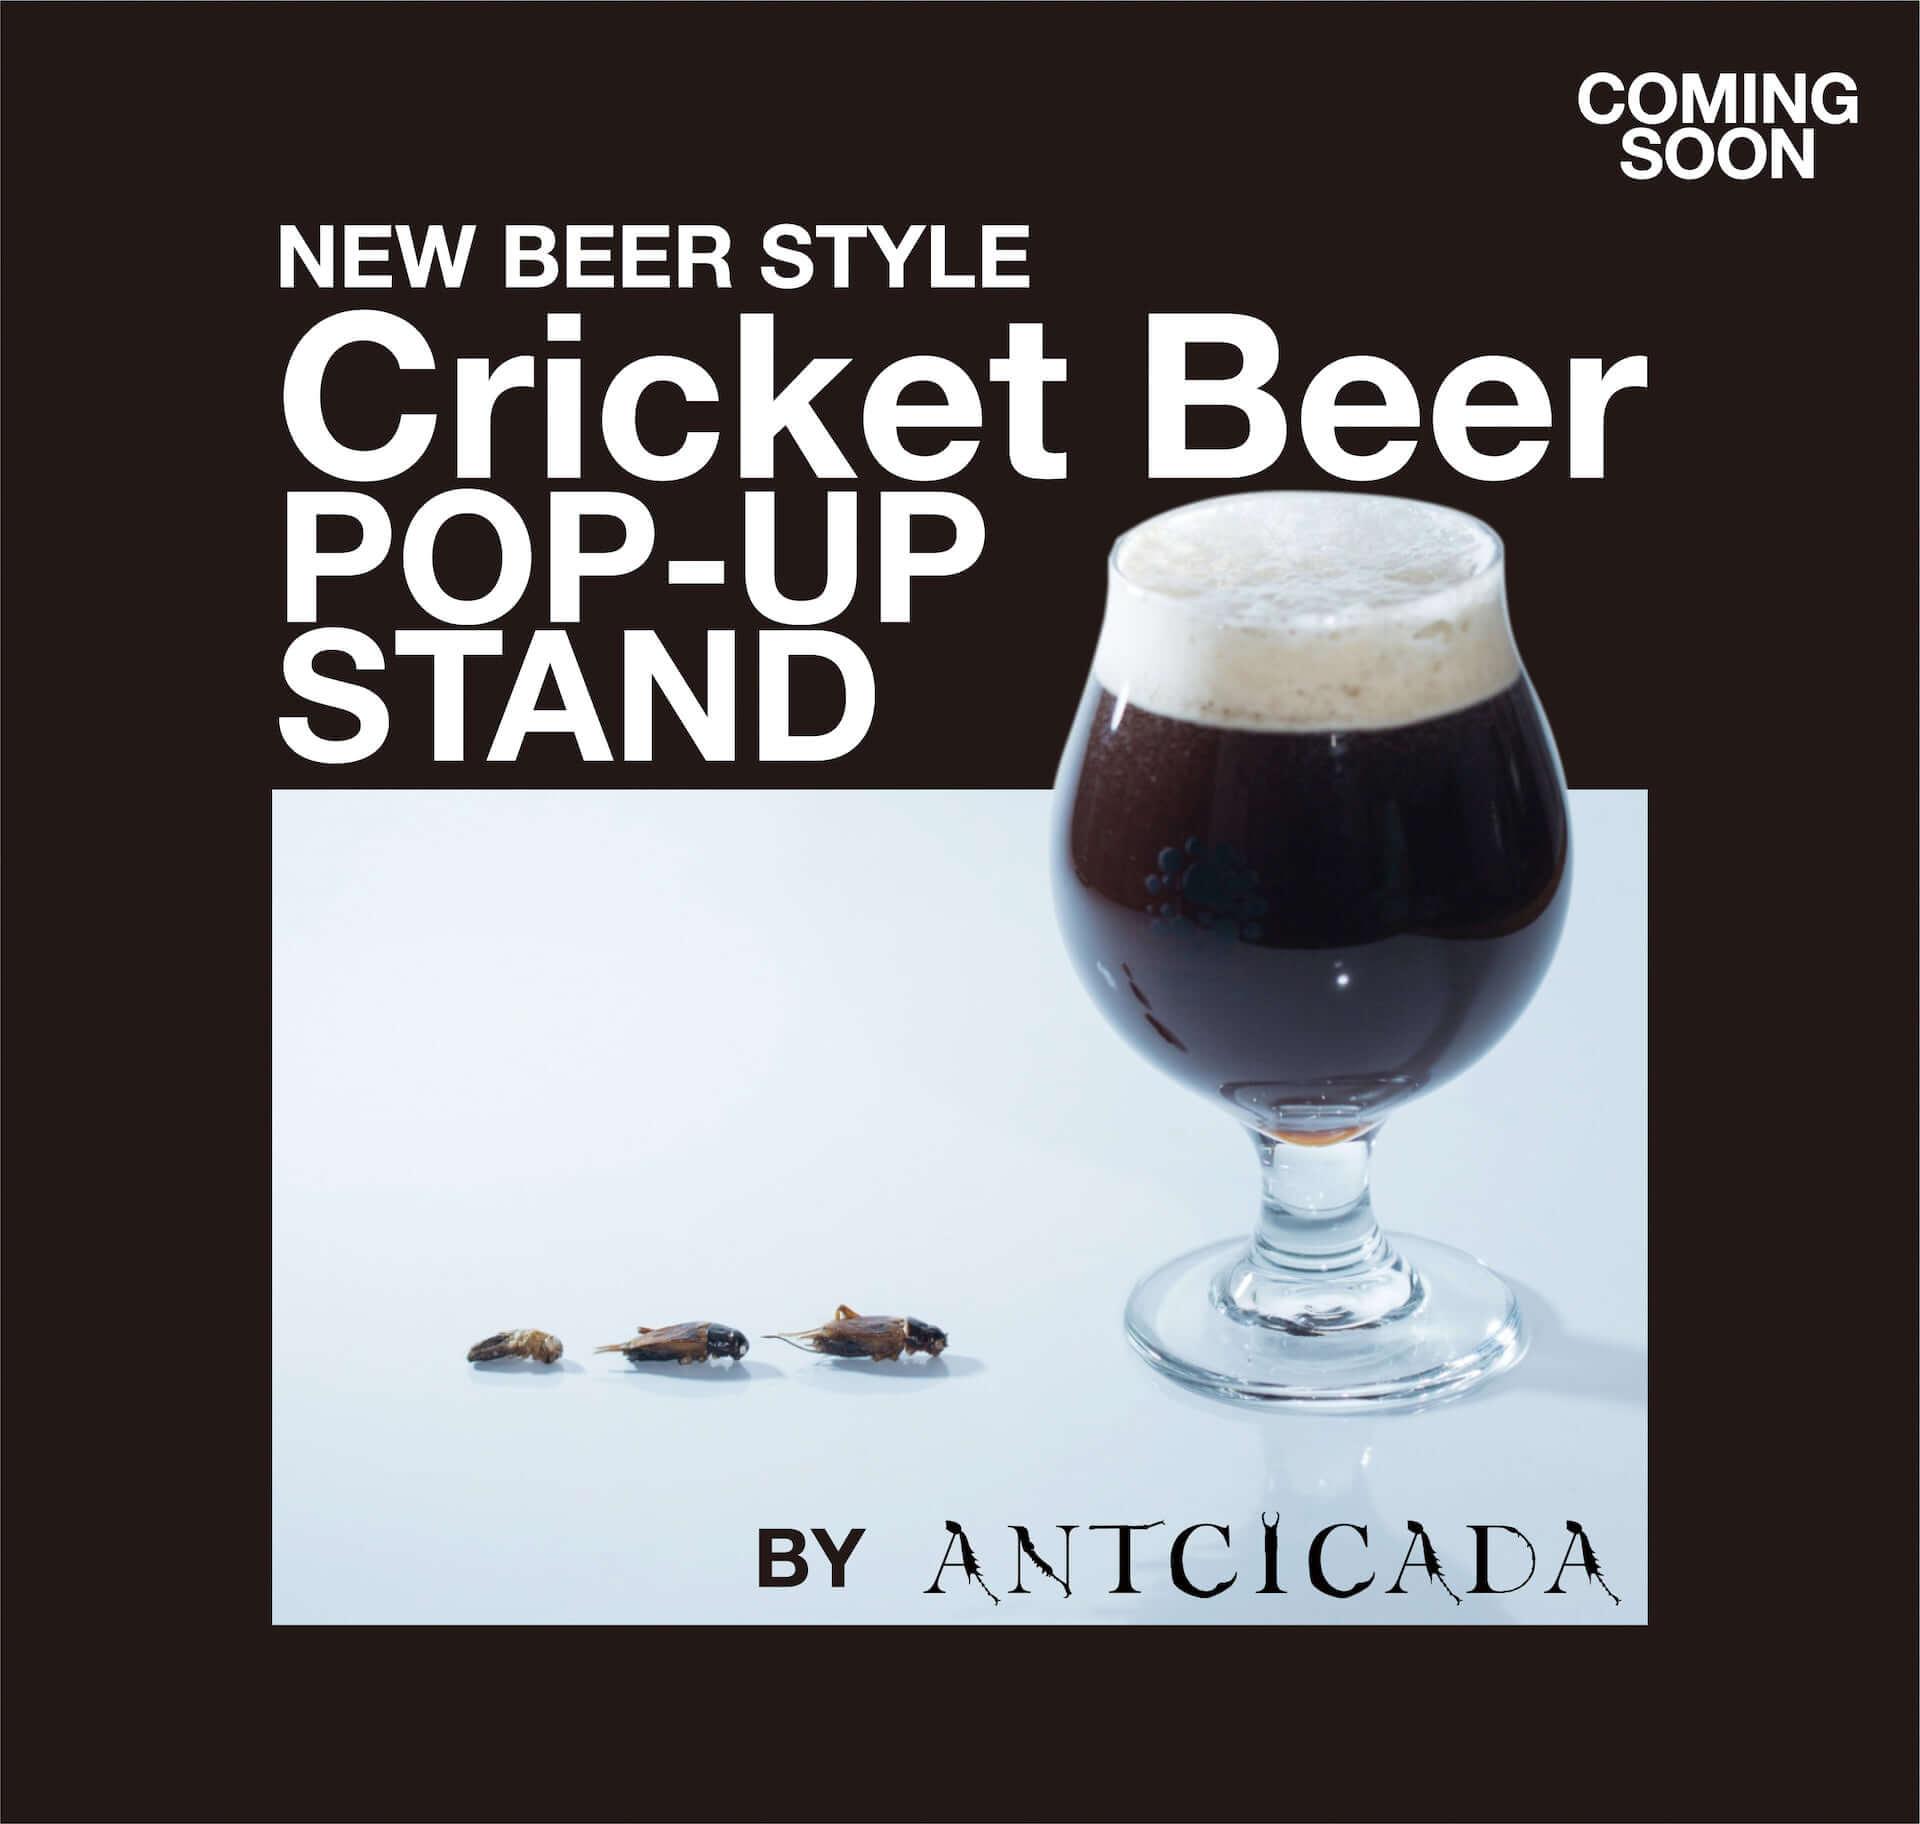 豊かで滋味深い風味!コオロギを原料に使用した世界初のクラフトビール『コオロギビール』が渋谷パルコにて期間限定販売 gourmet200220_cricketdarkale_2-1920x1824